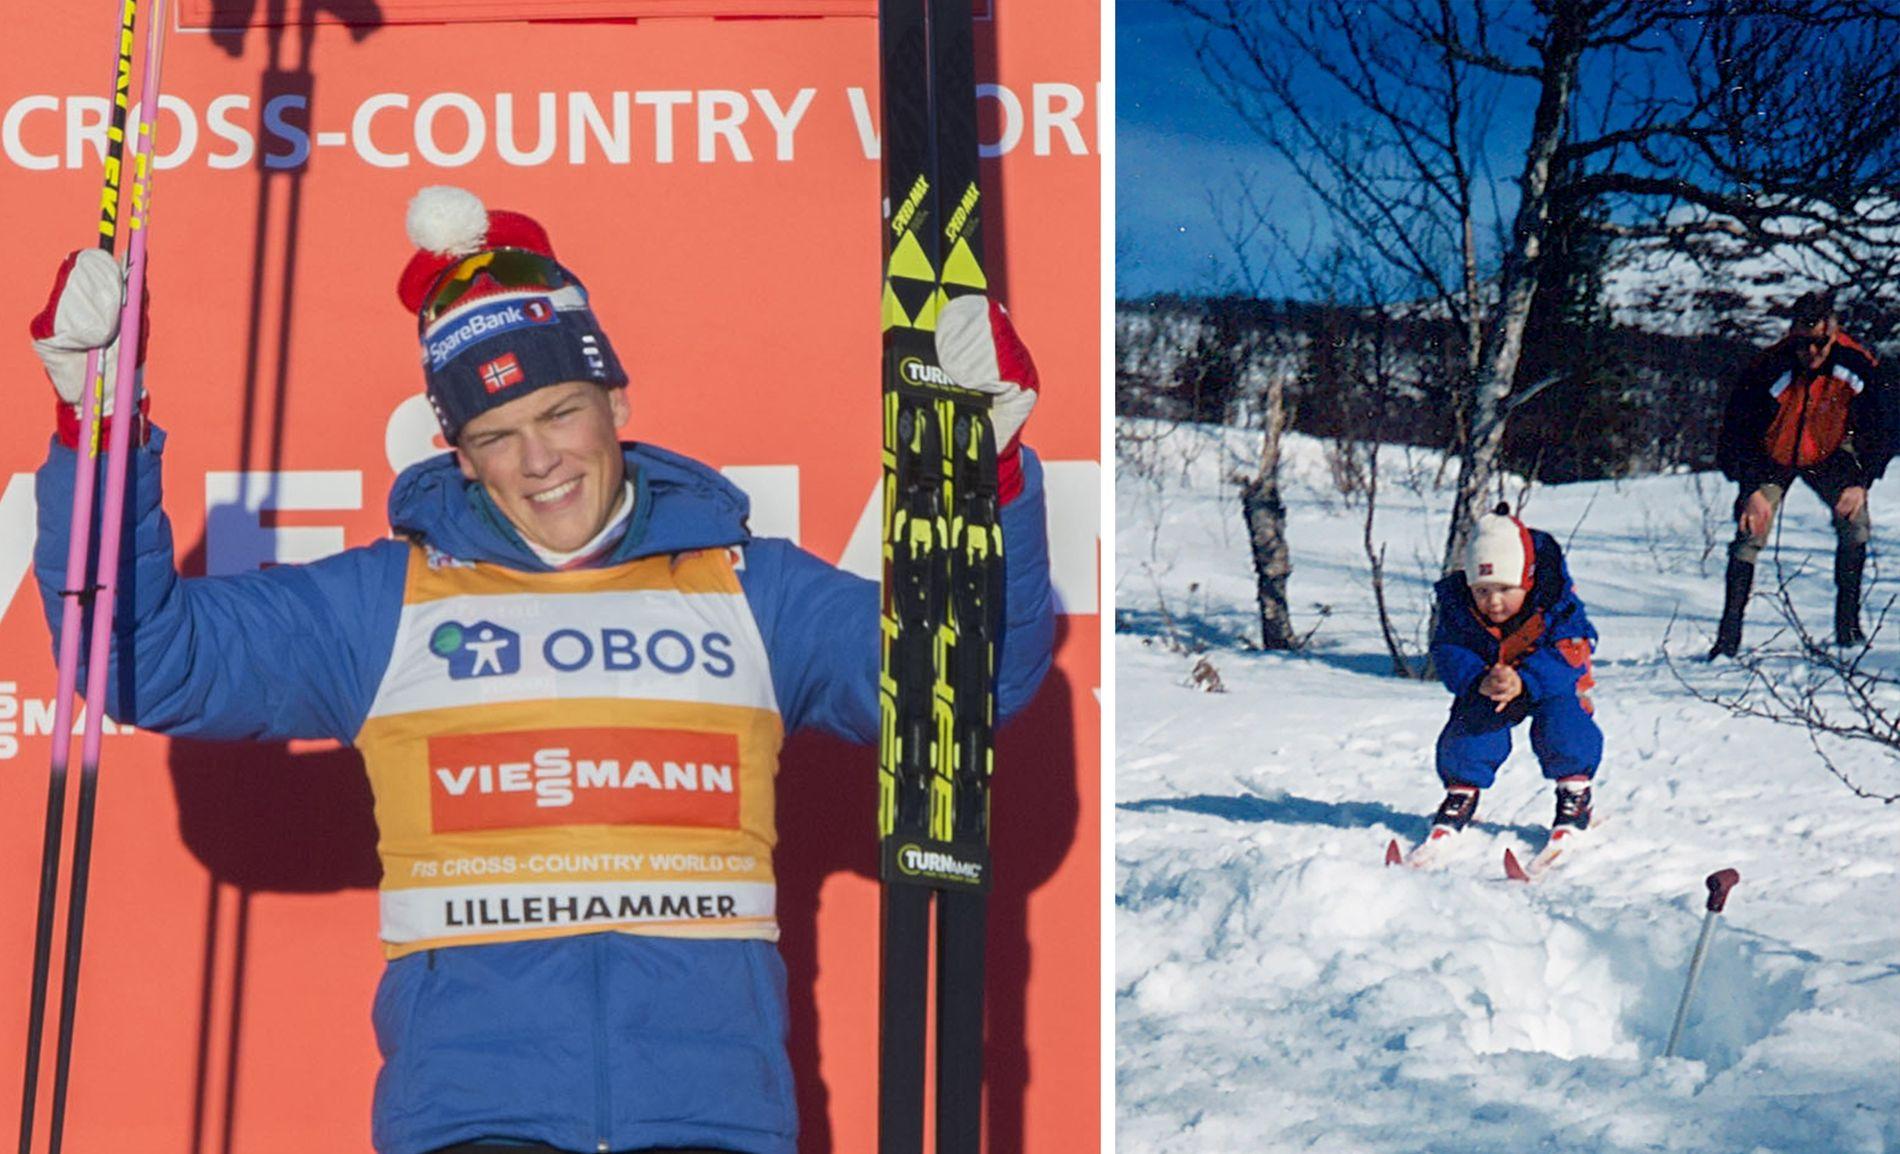 BEST - IGJEN: Johannes Høsflot Klæbo kan smile etter nok en drømmehelg i verdenscupen - denne gangen på Lillehammer. Ski-karrieren startet en mars-dag i 1999 (høyre).